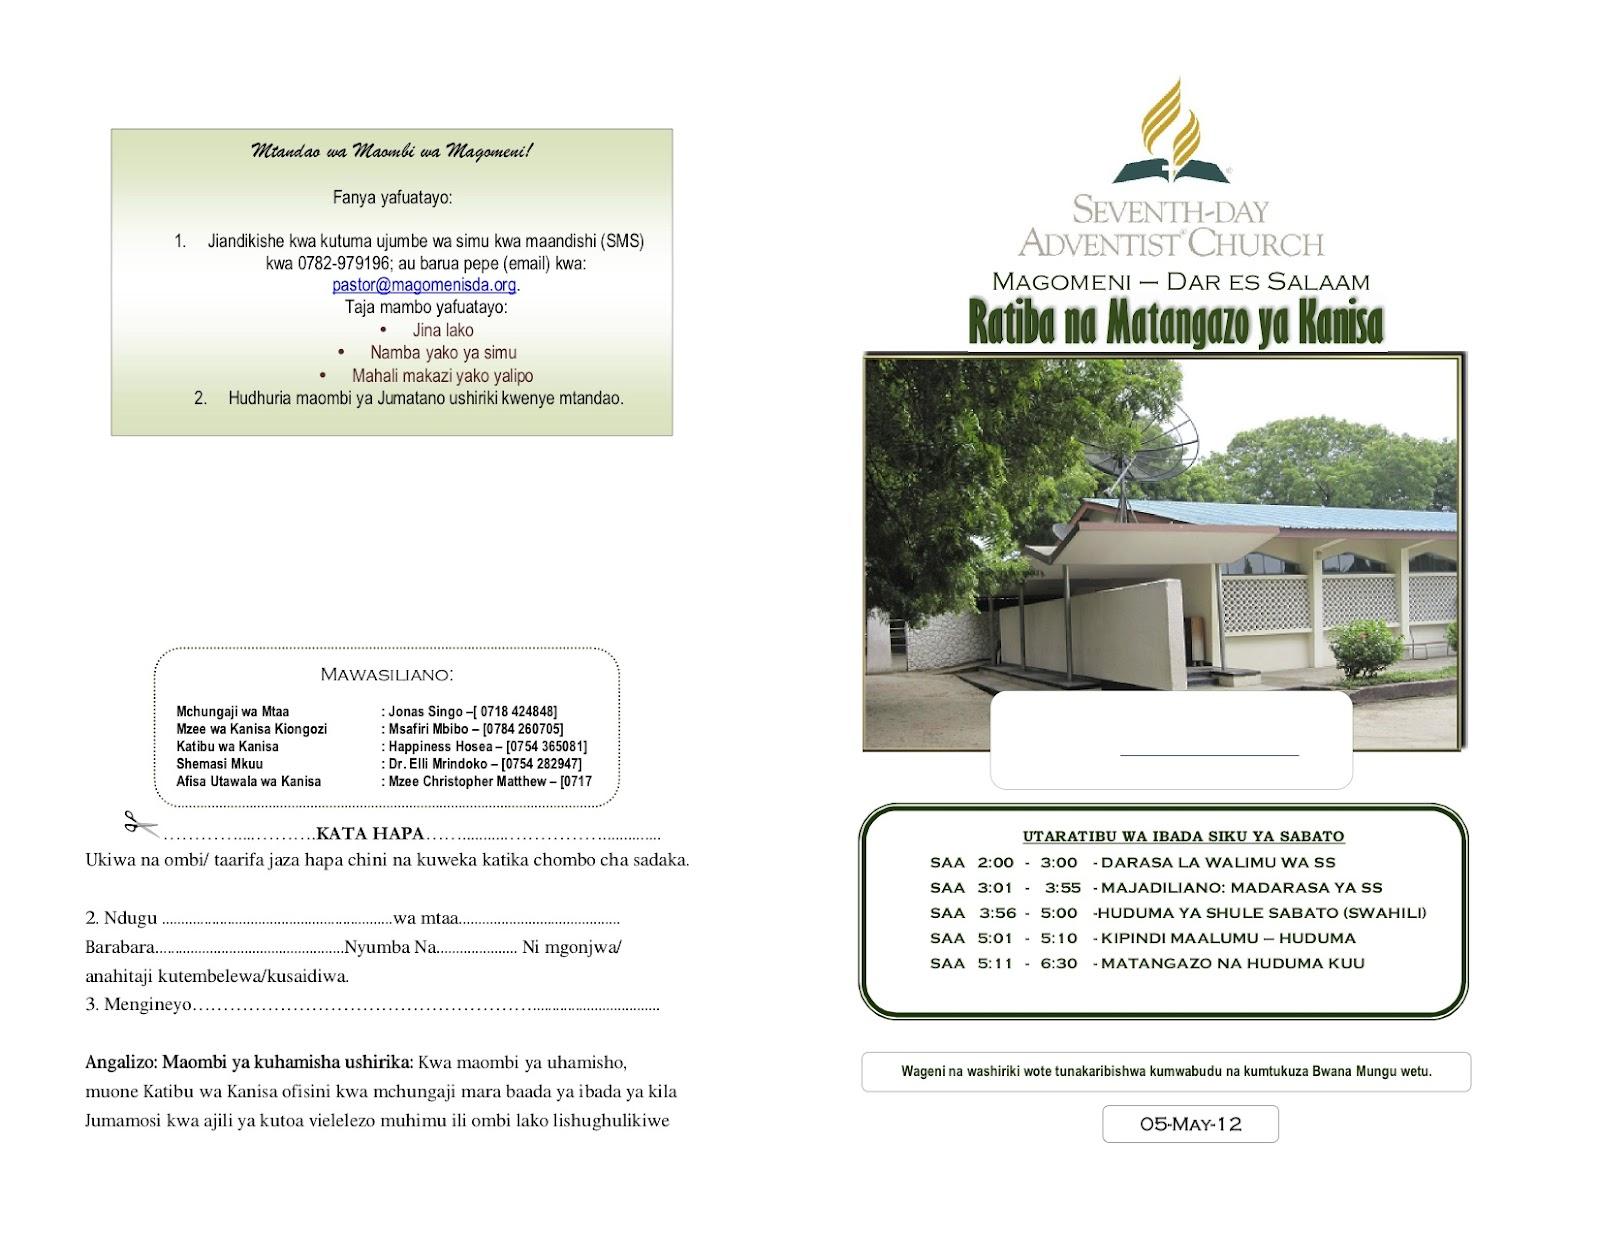 UFUNUO: Revelation of Hope: May 2012